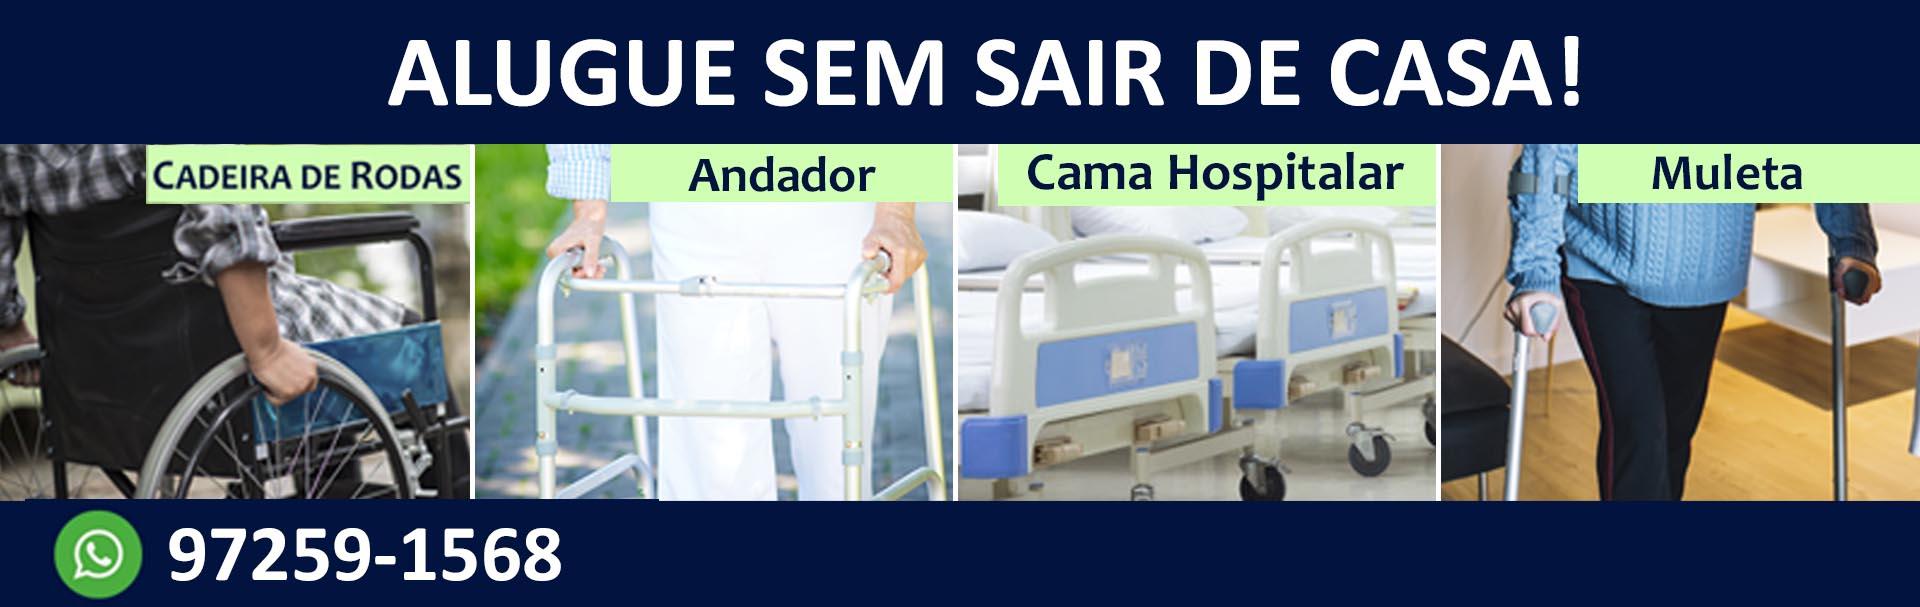 ae77c5ce5e1f Saúde & Ortopedia Material Médico e Ortopédico RJ